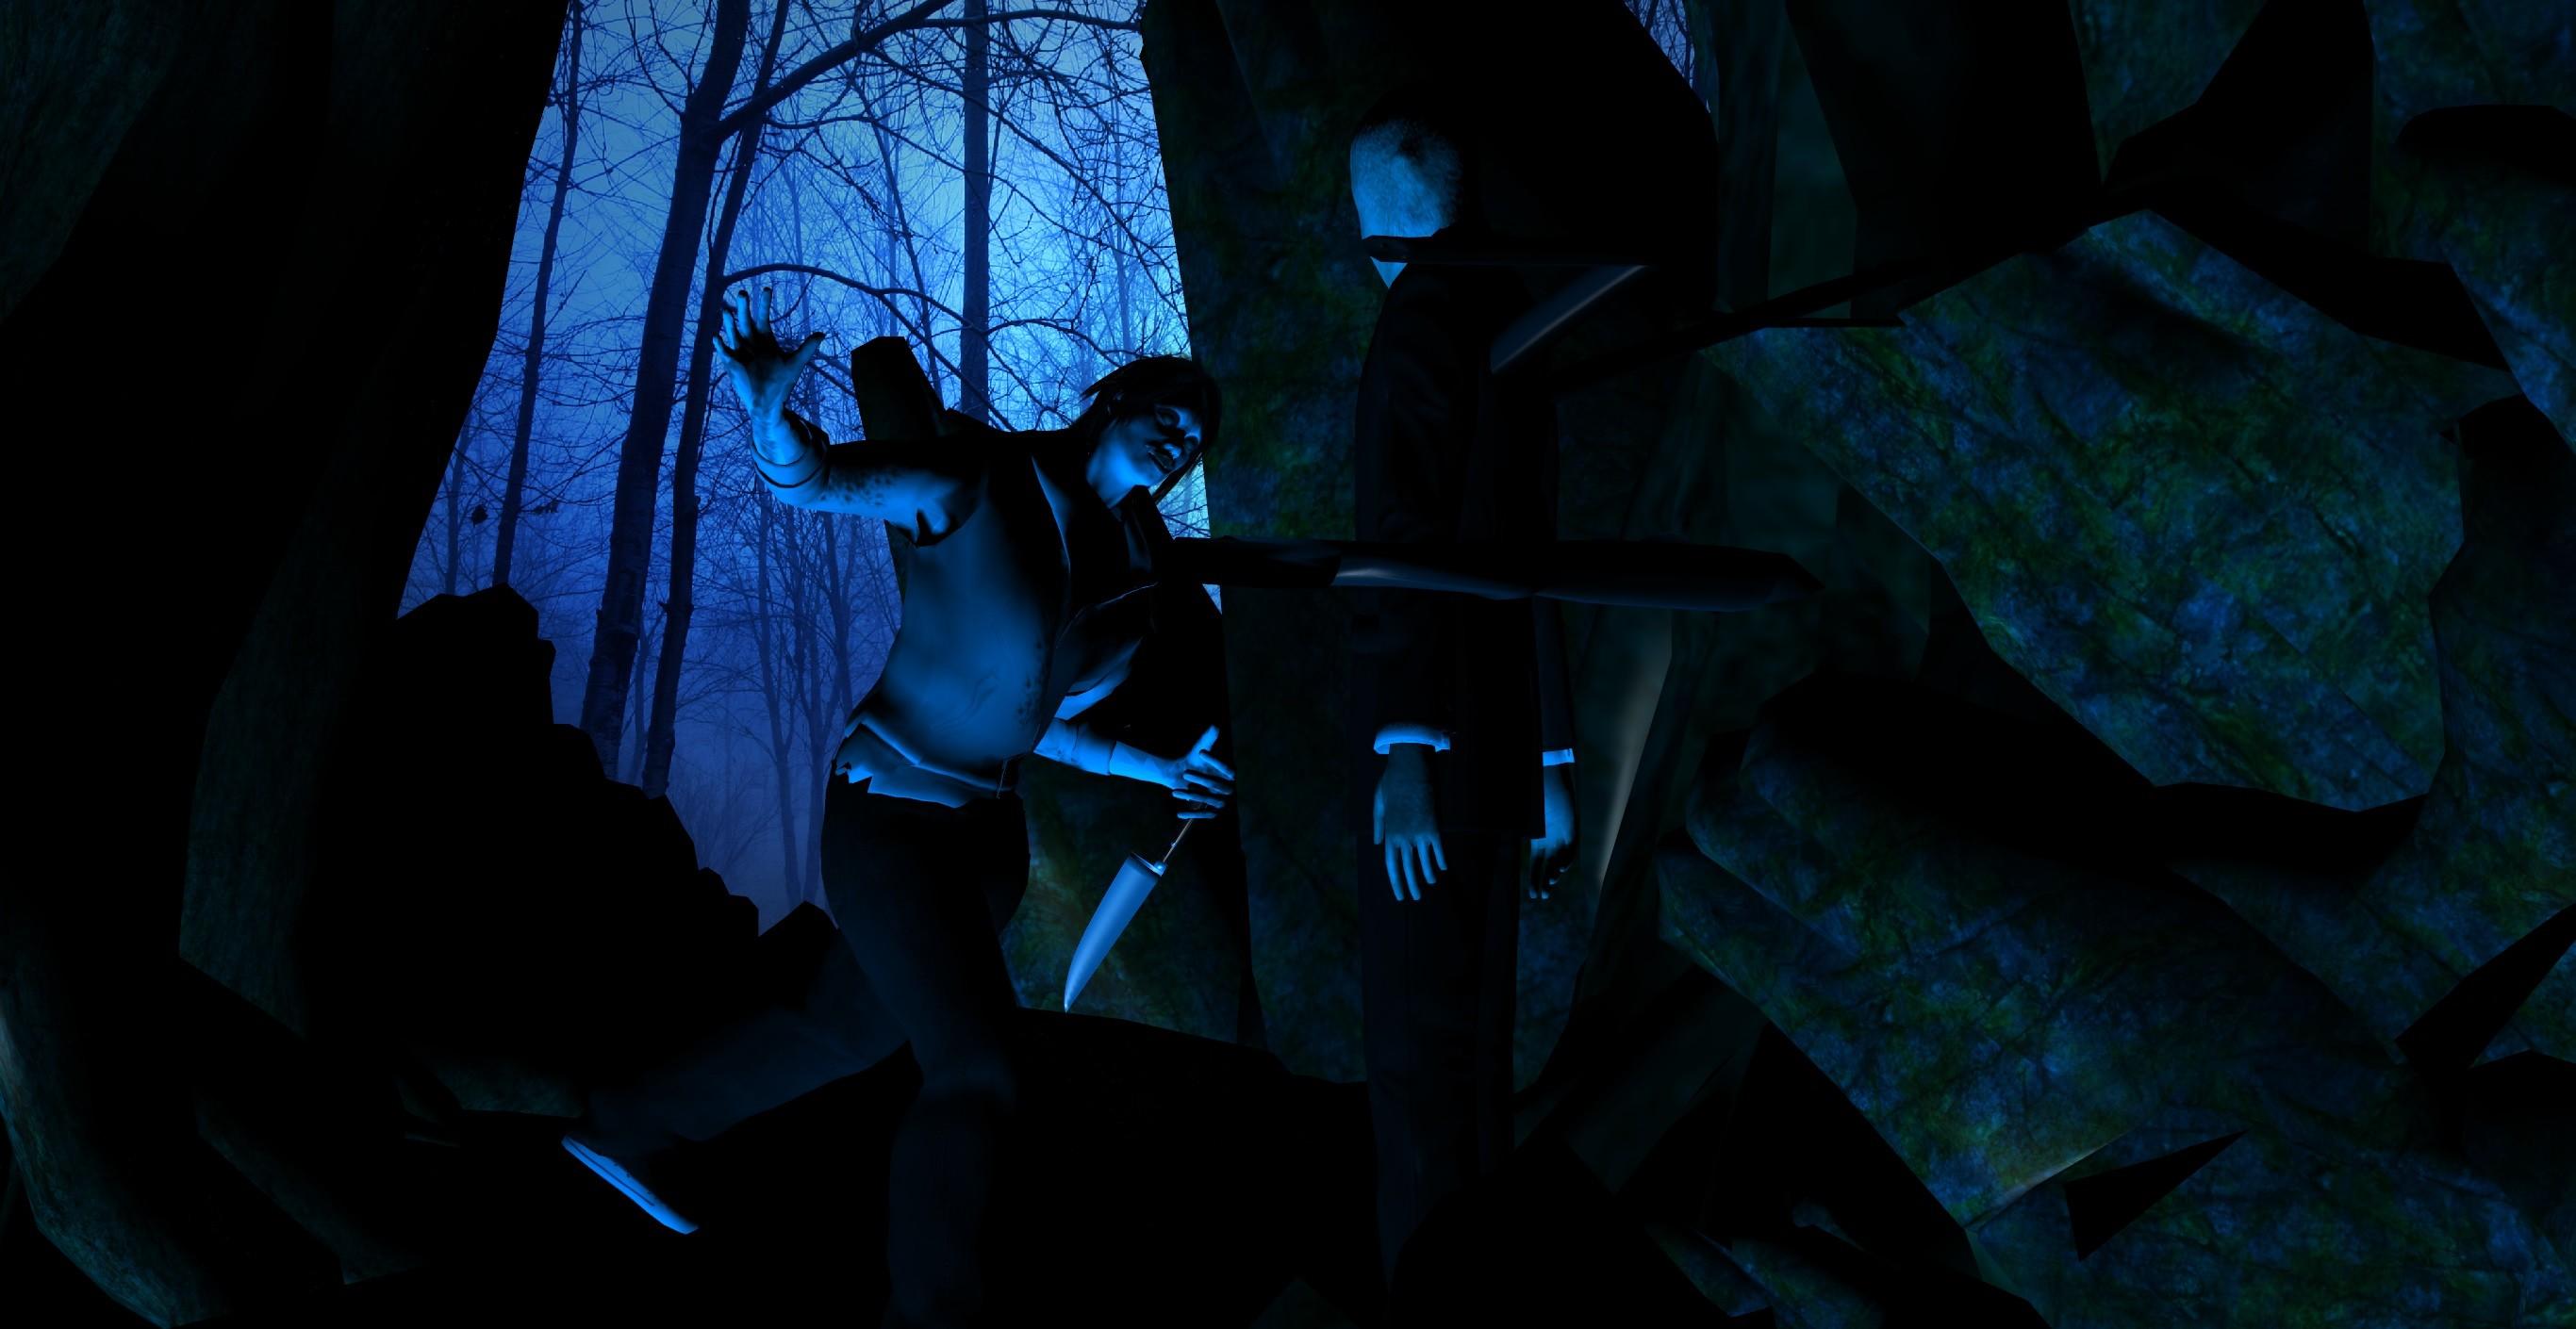 … Jeff the Killer Vs. SlenderMan by calibur222